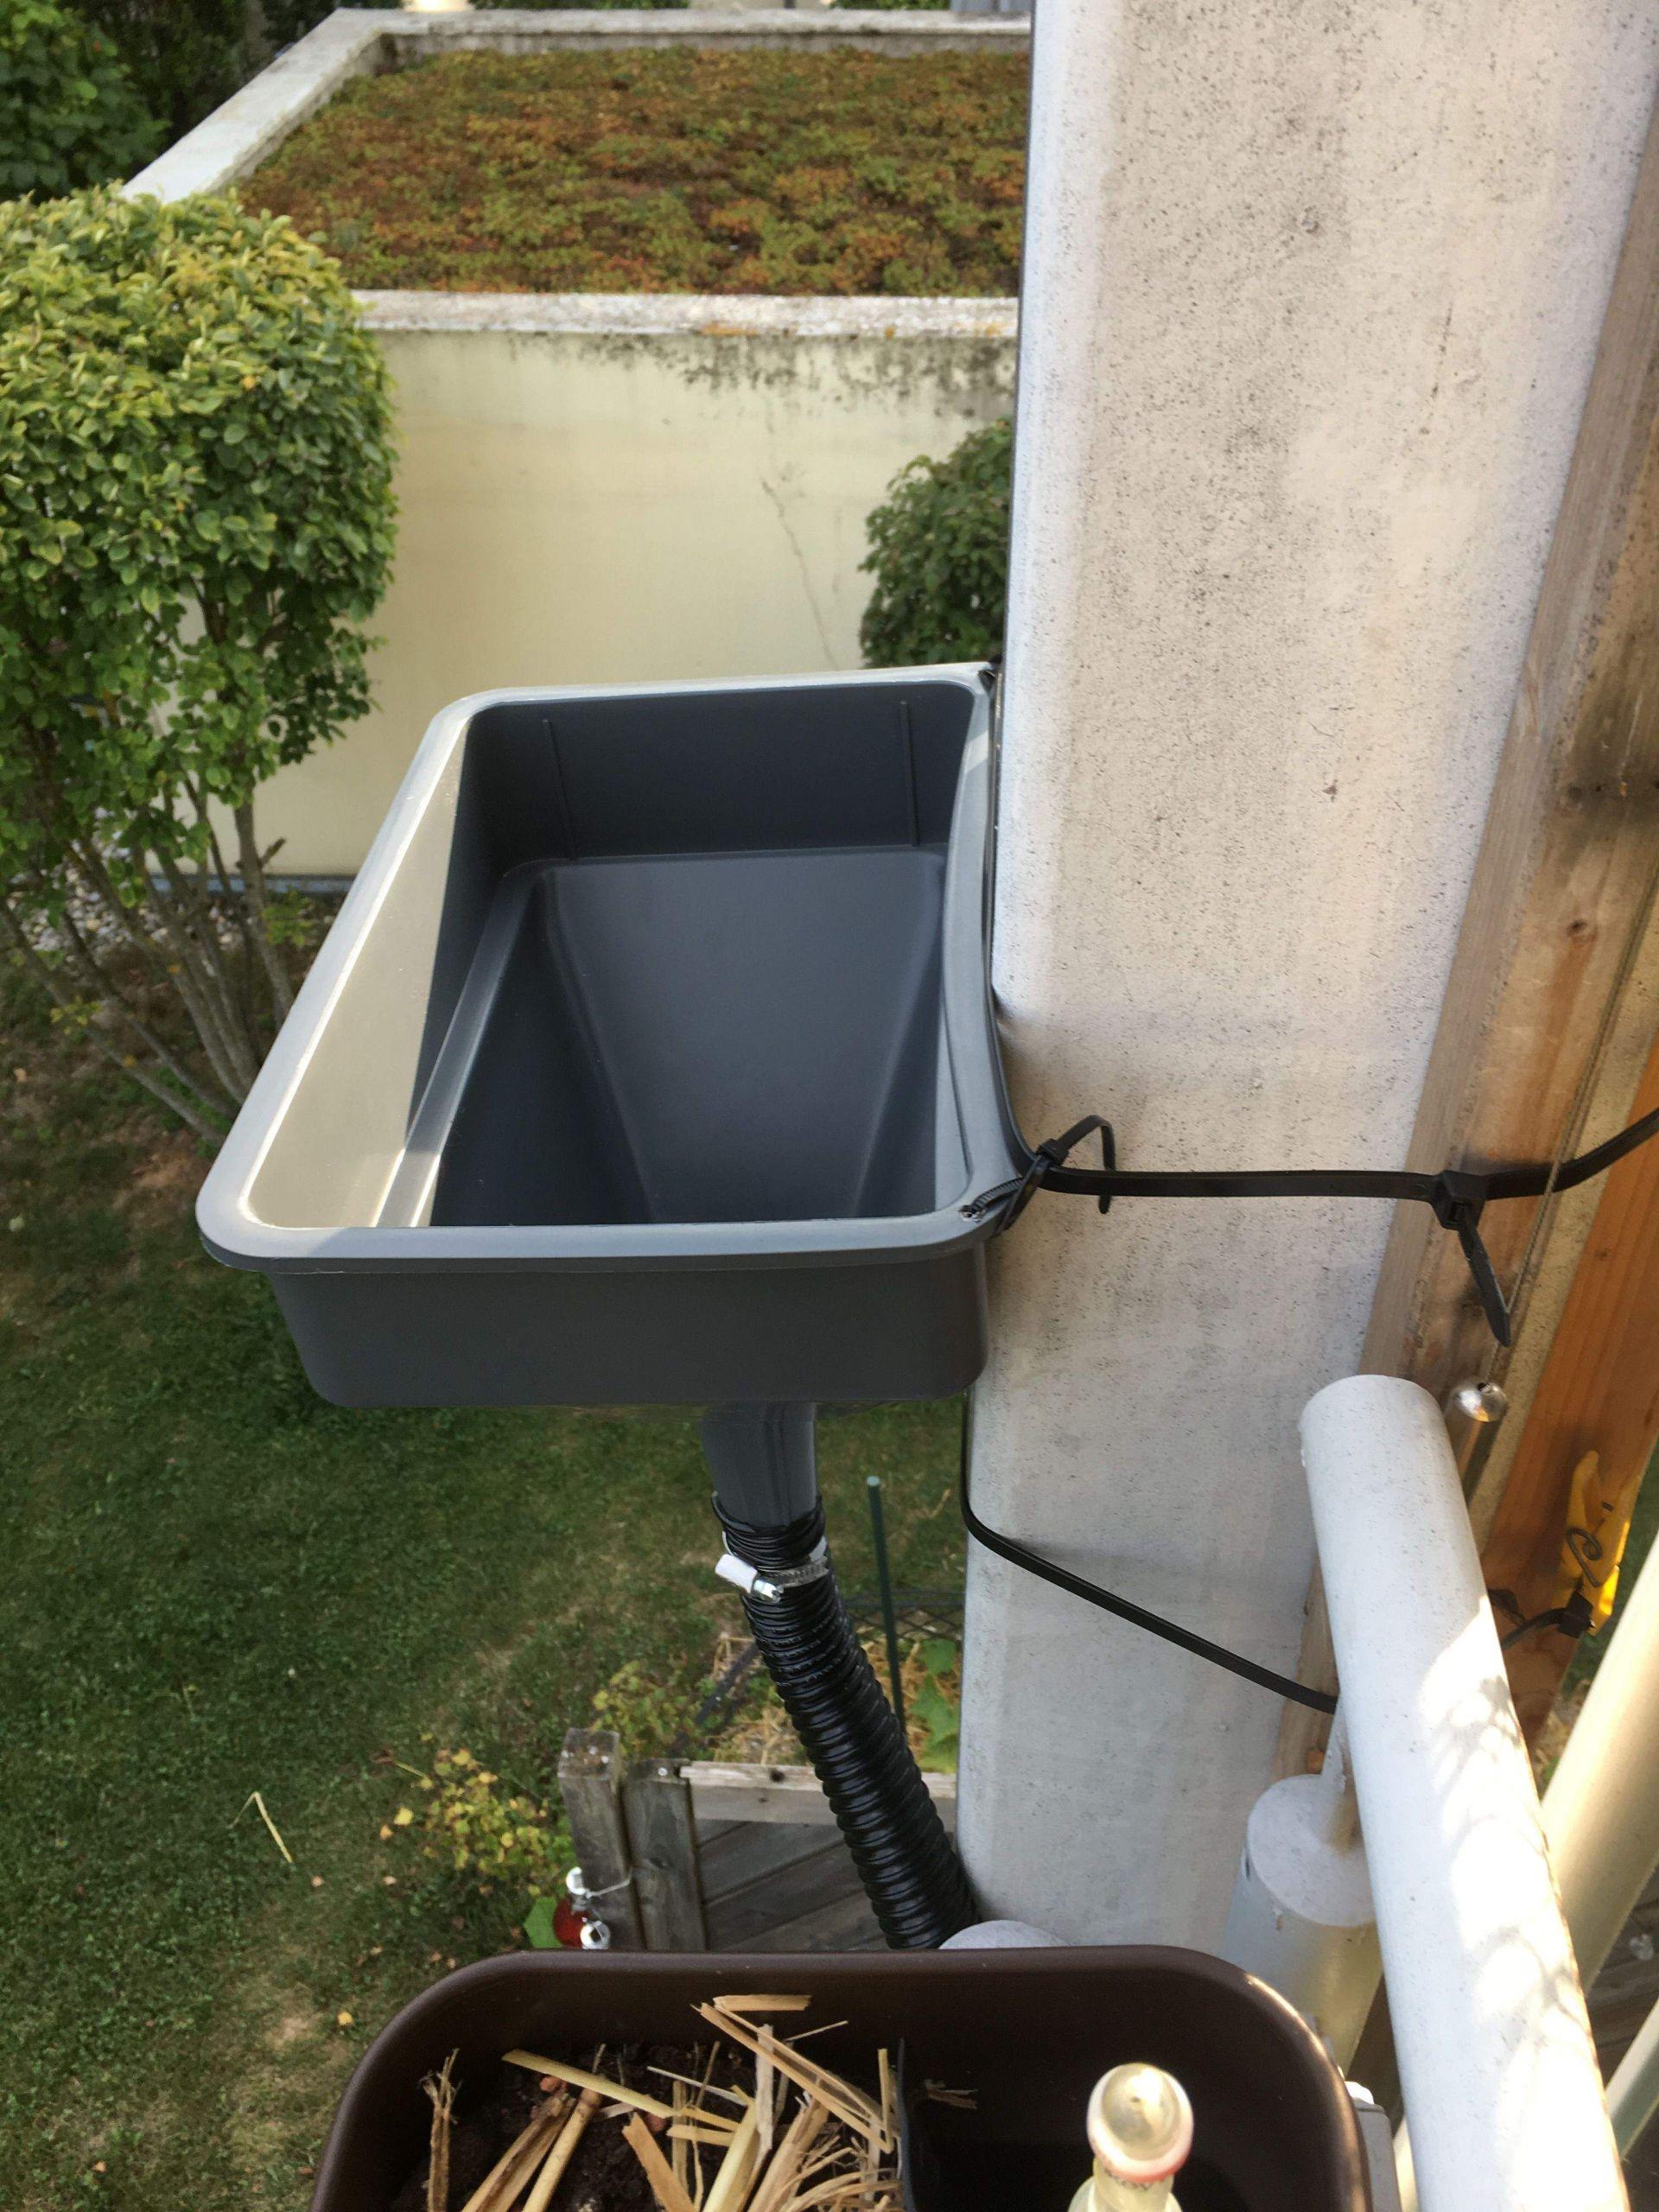 Wasserspeicher Garten Elegant Regenwasser Sammeln Mit Trichter Einfach Mit Kabelbindern